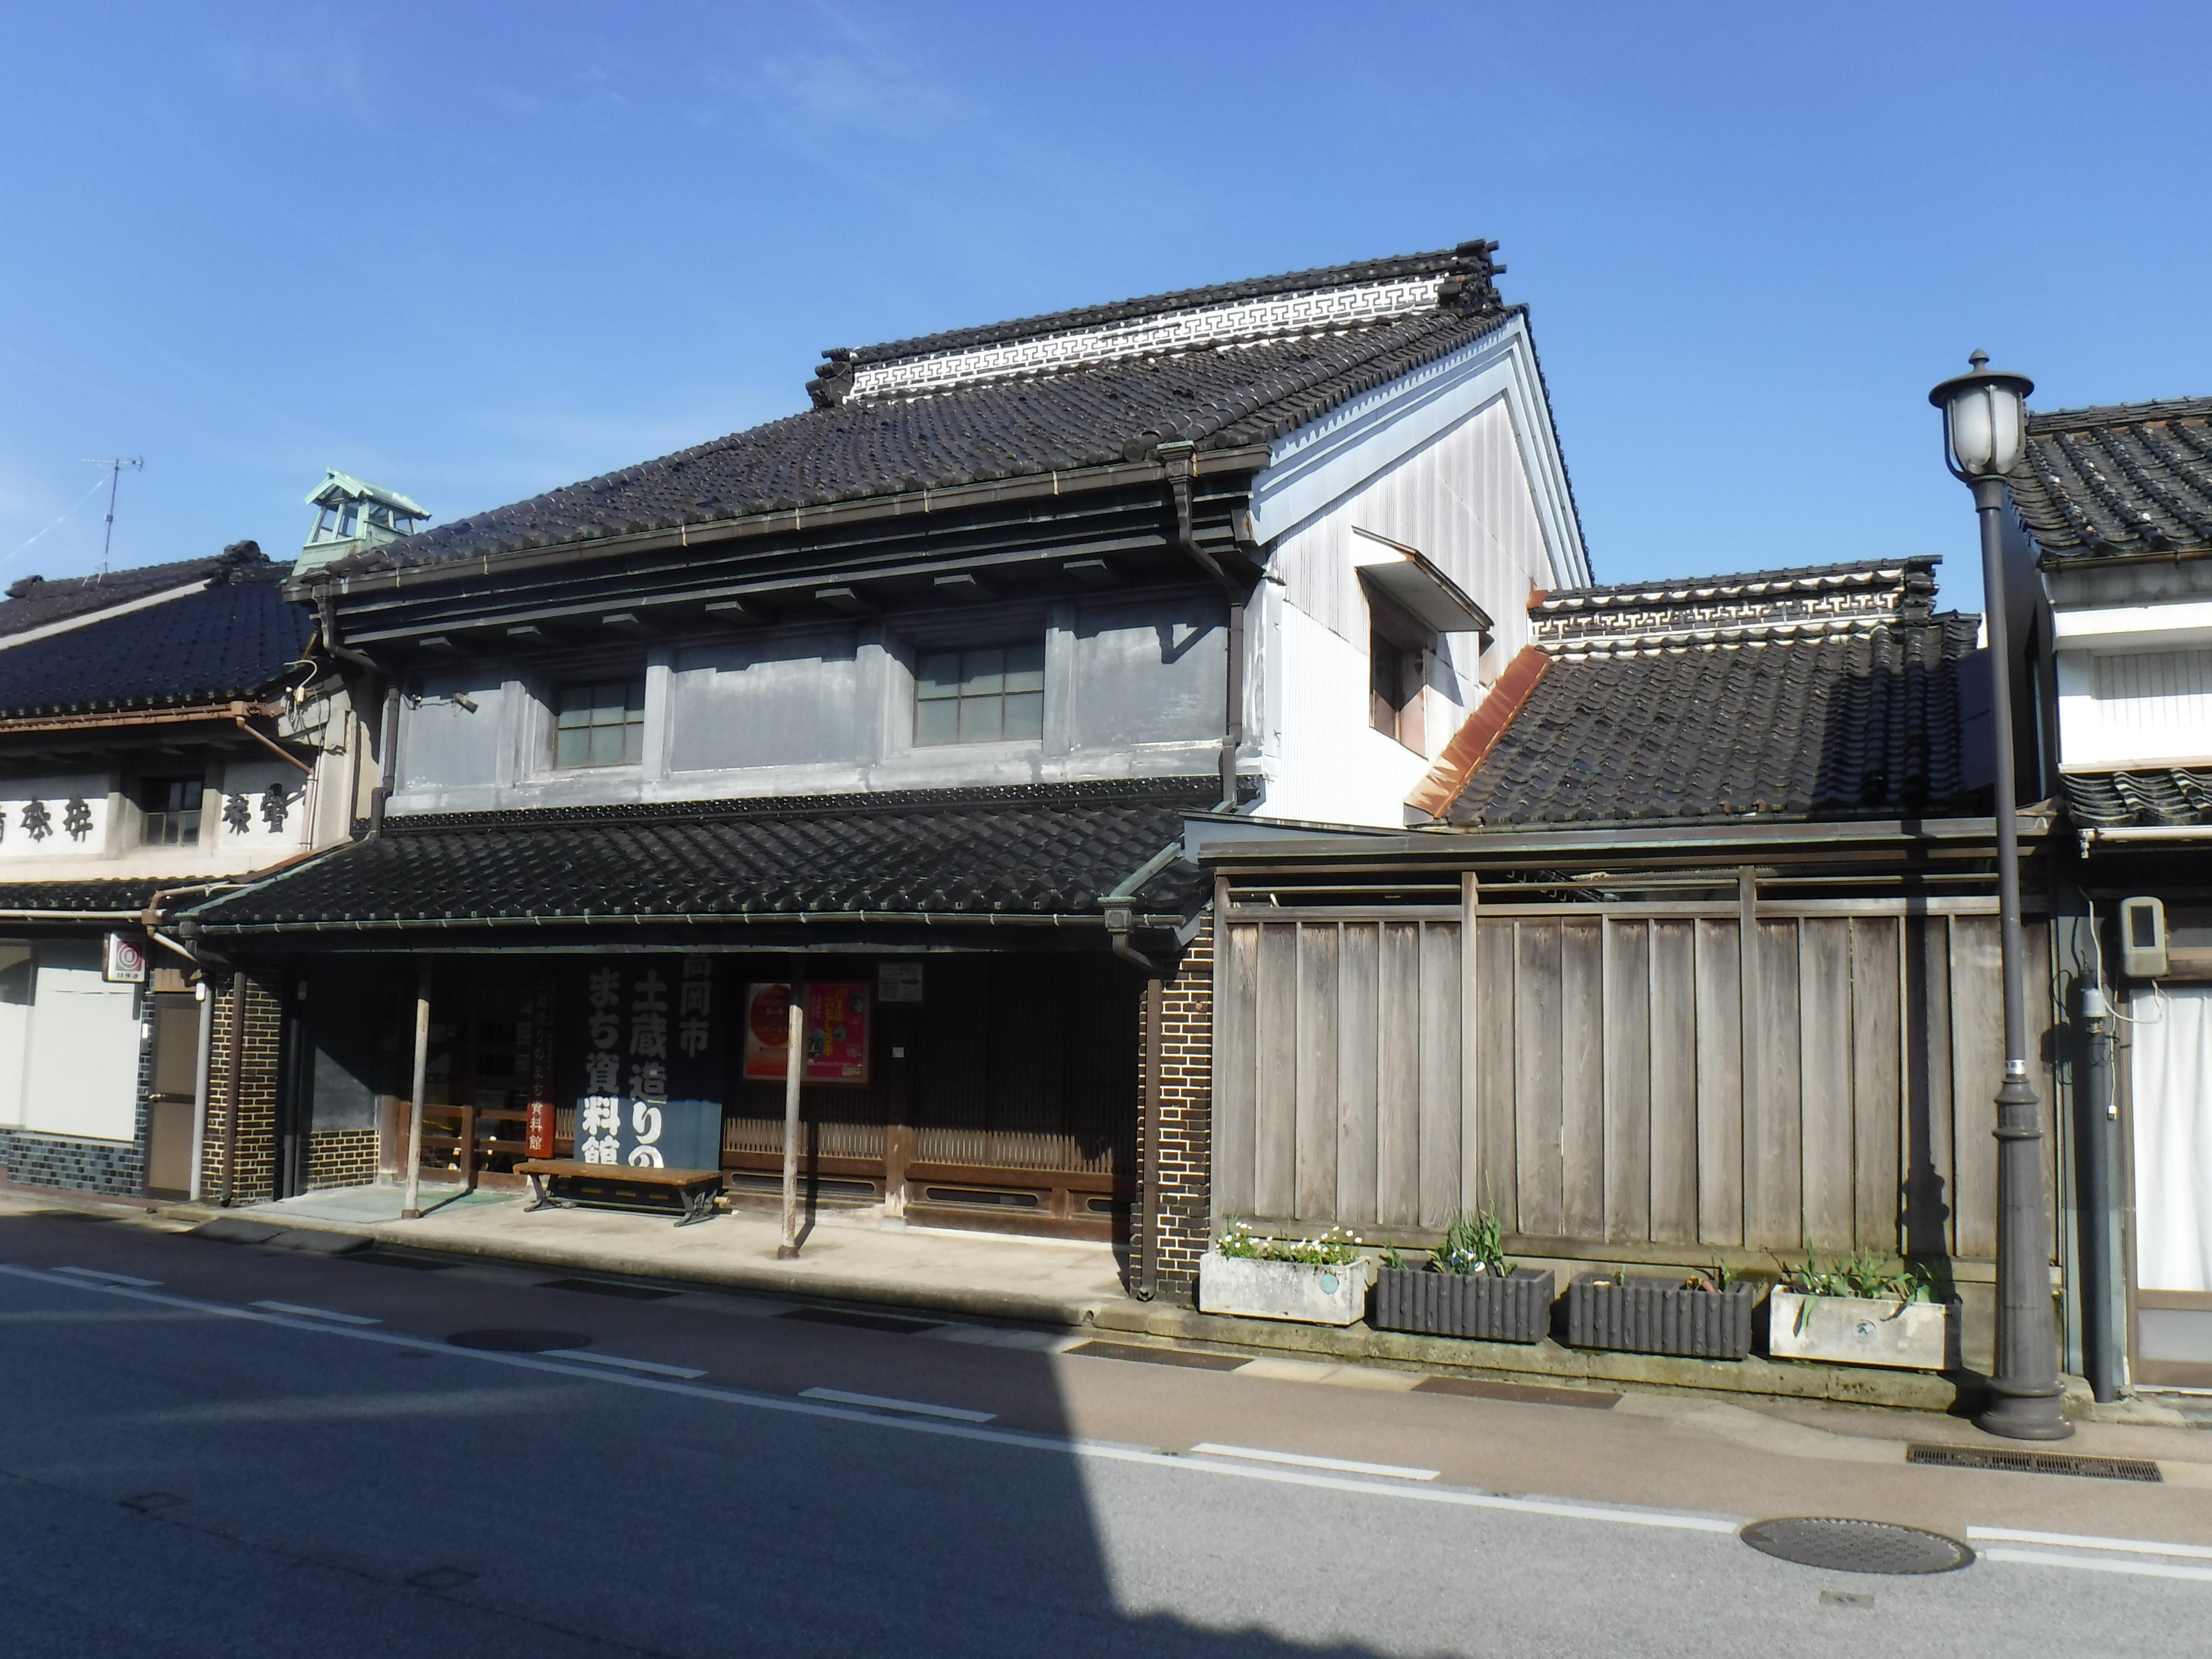 高岡市土蔵造りのまち資料館(旧室崎家住宅)